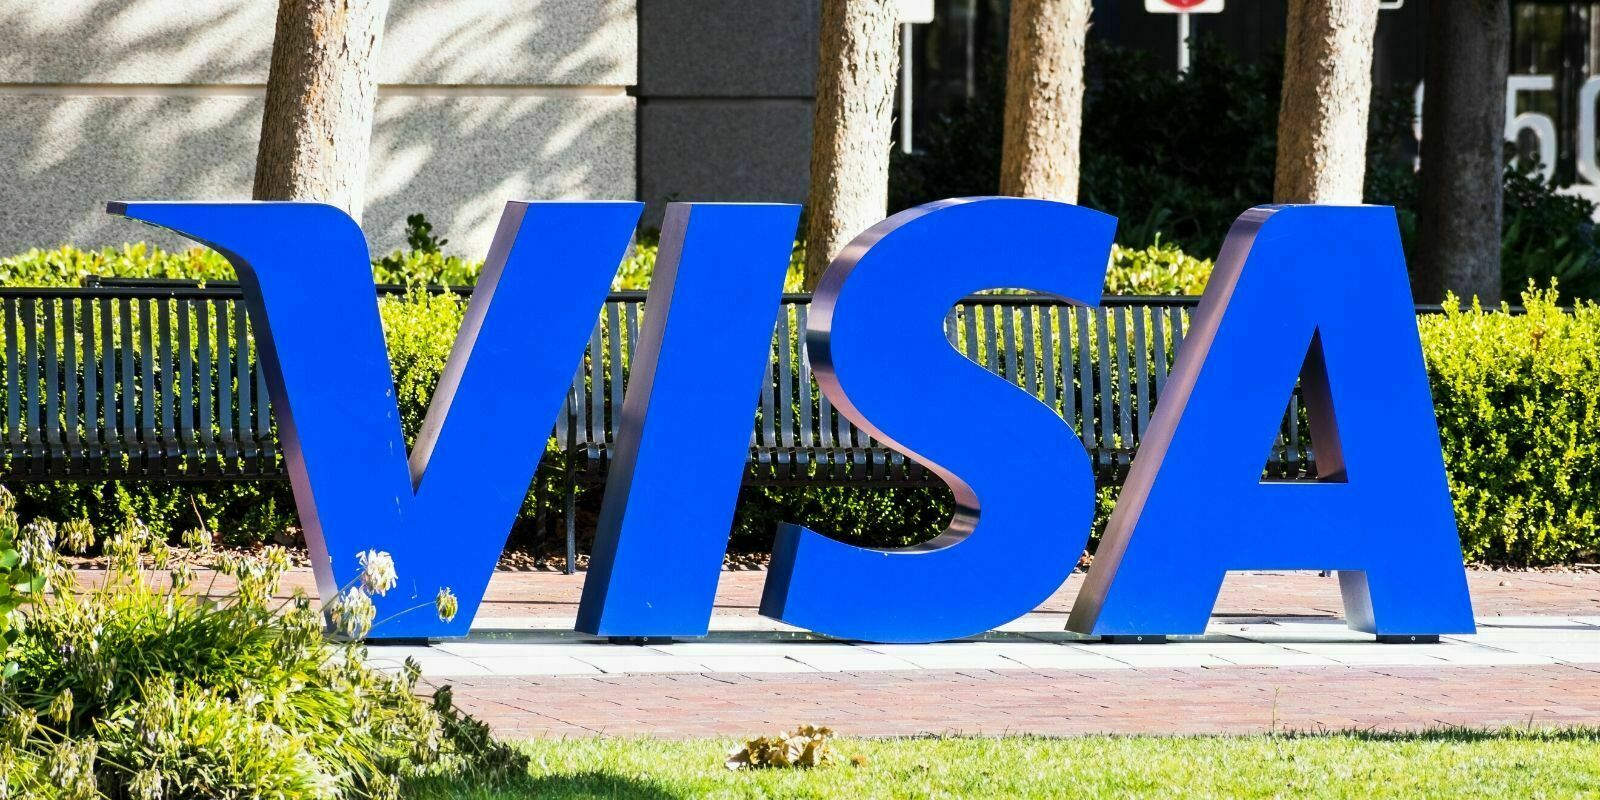 Visa dépose un brevet pour une « monnaie fiat numérique » utilisant la blockchain